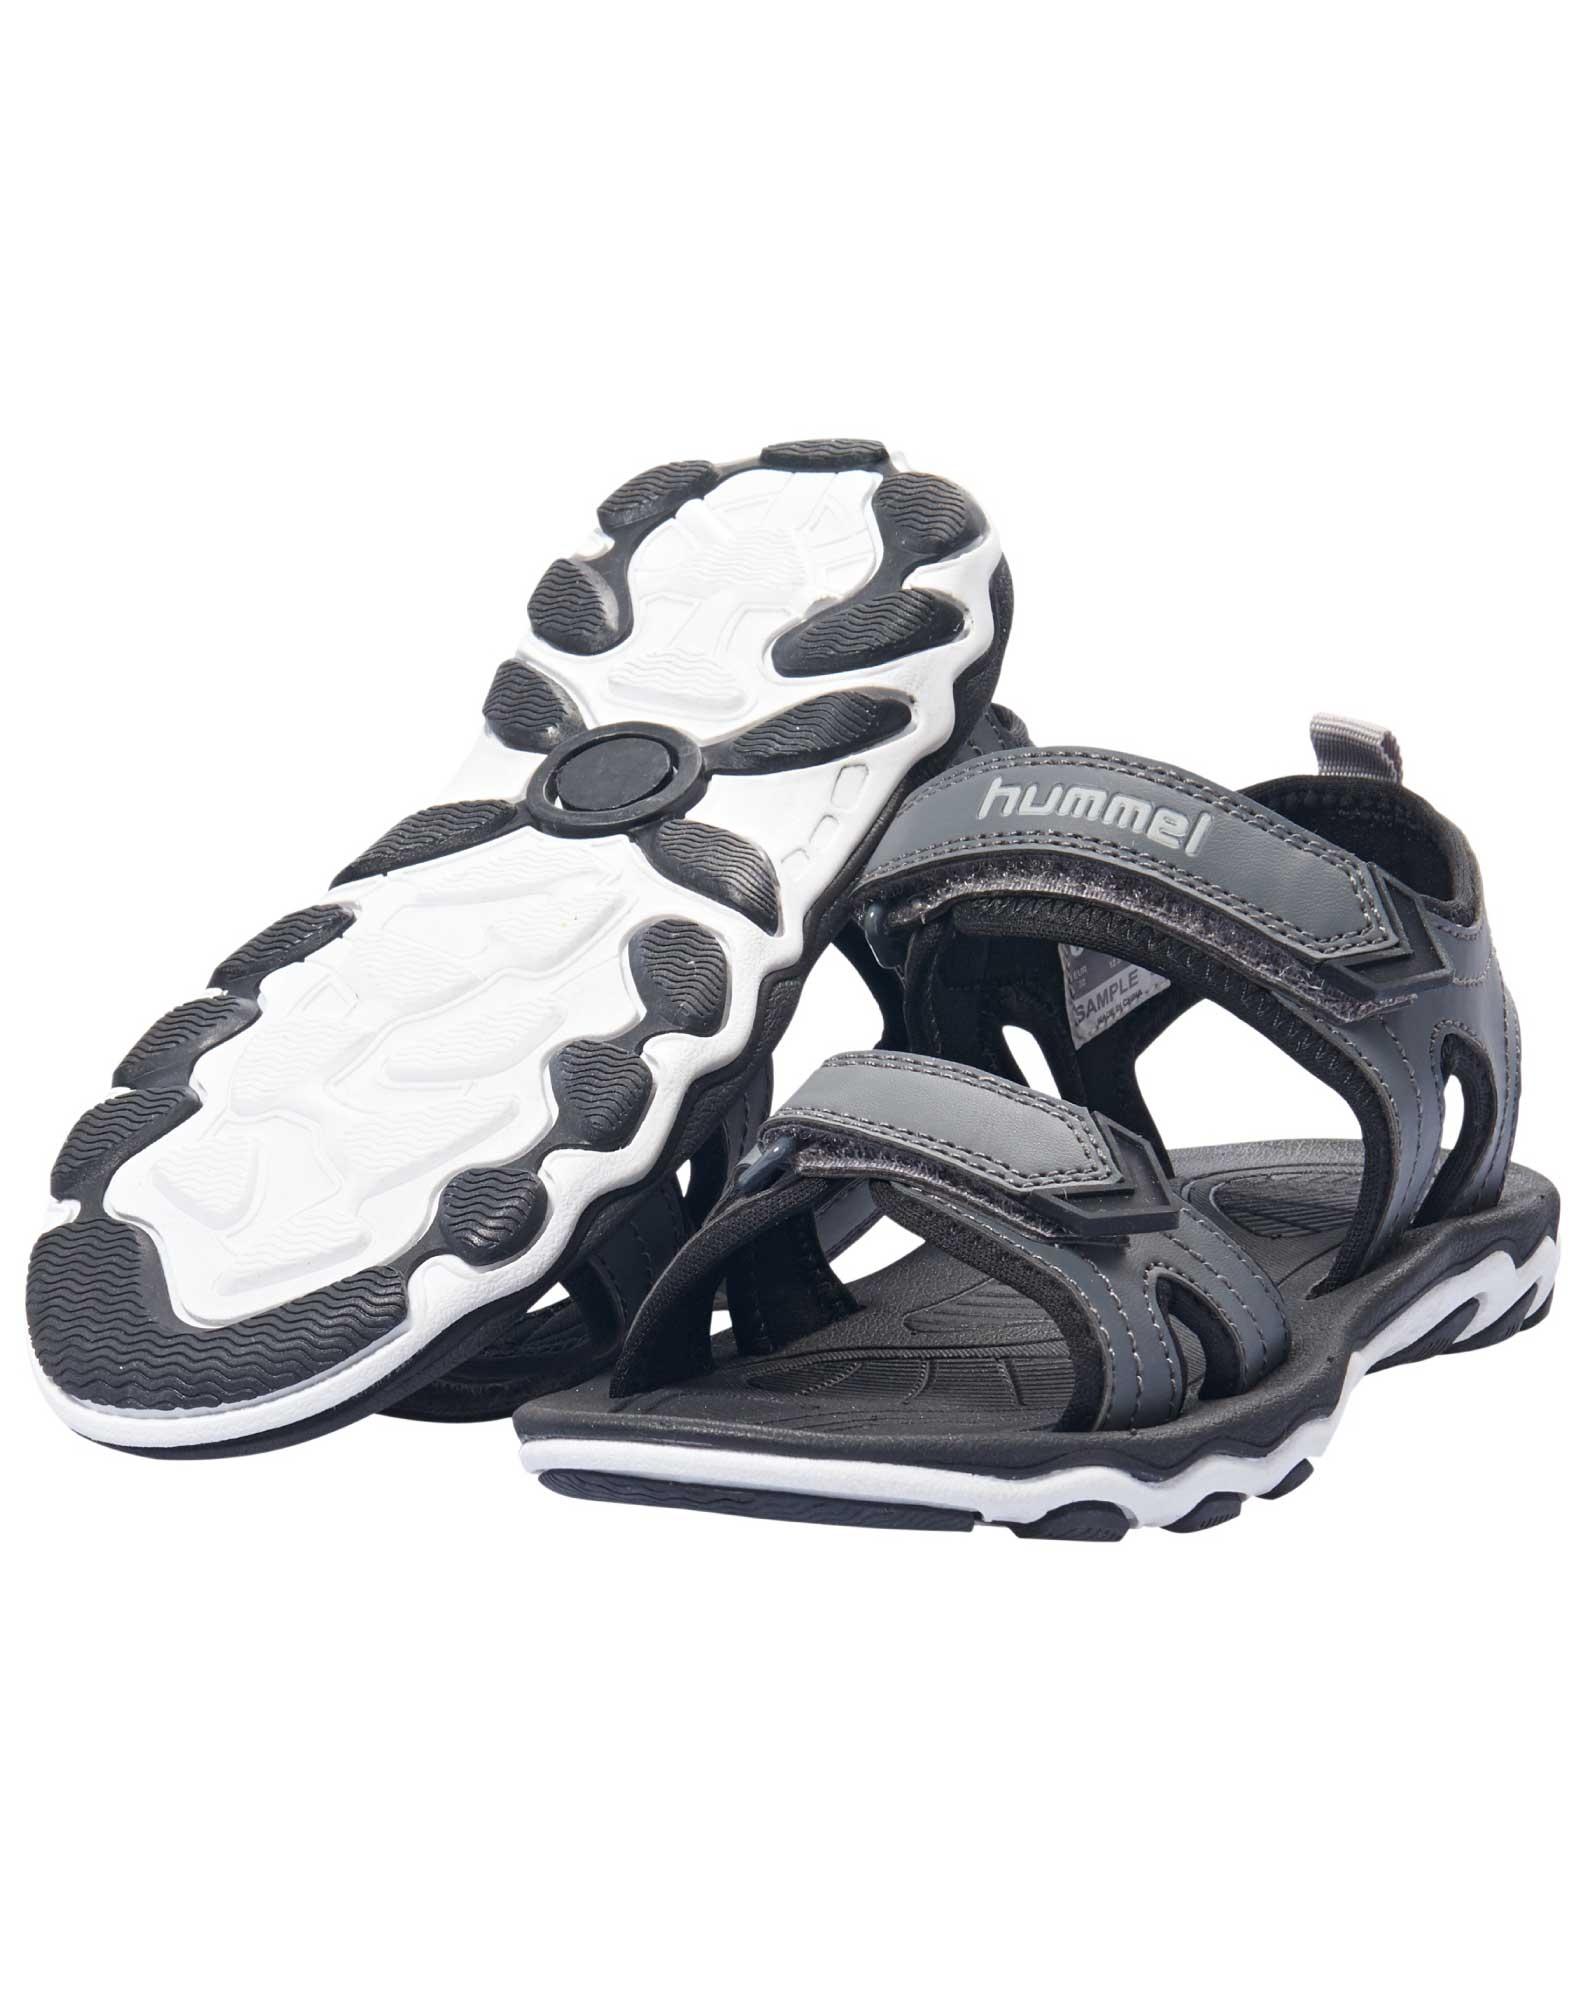 70b04acd067 Køb Hummel Sandal Sandal Sport Jr Sort-grå Børn online